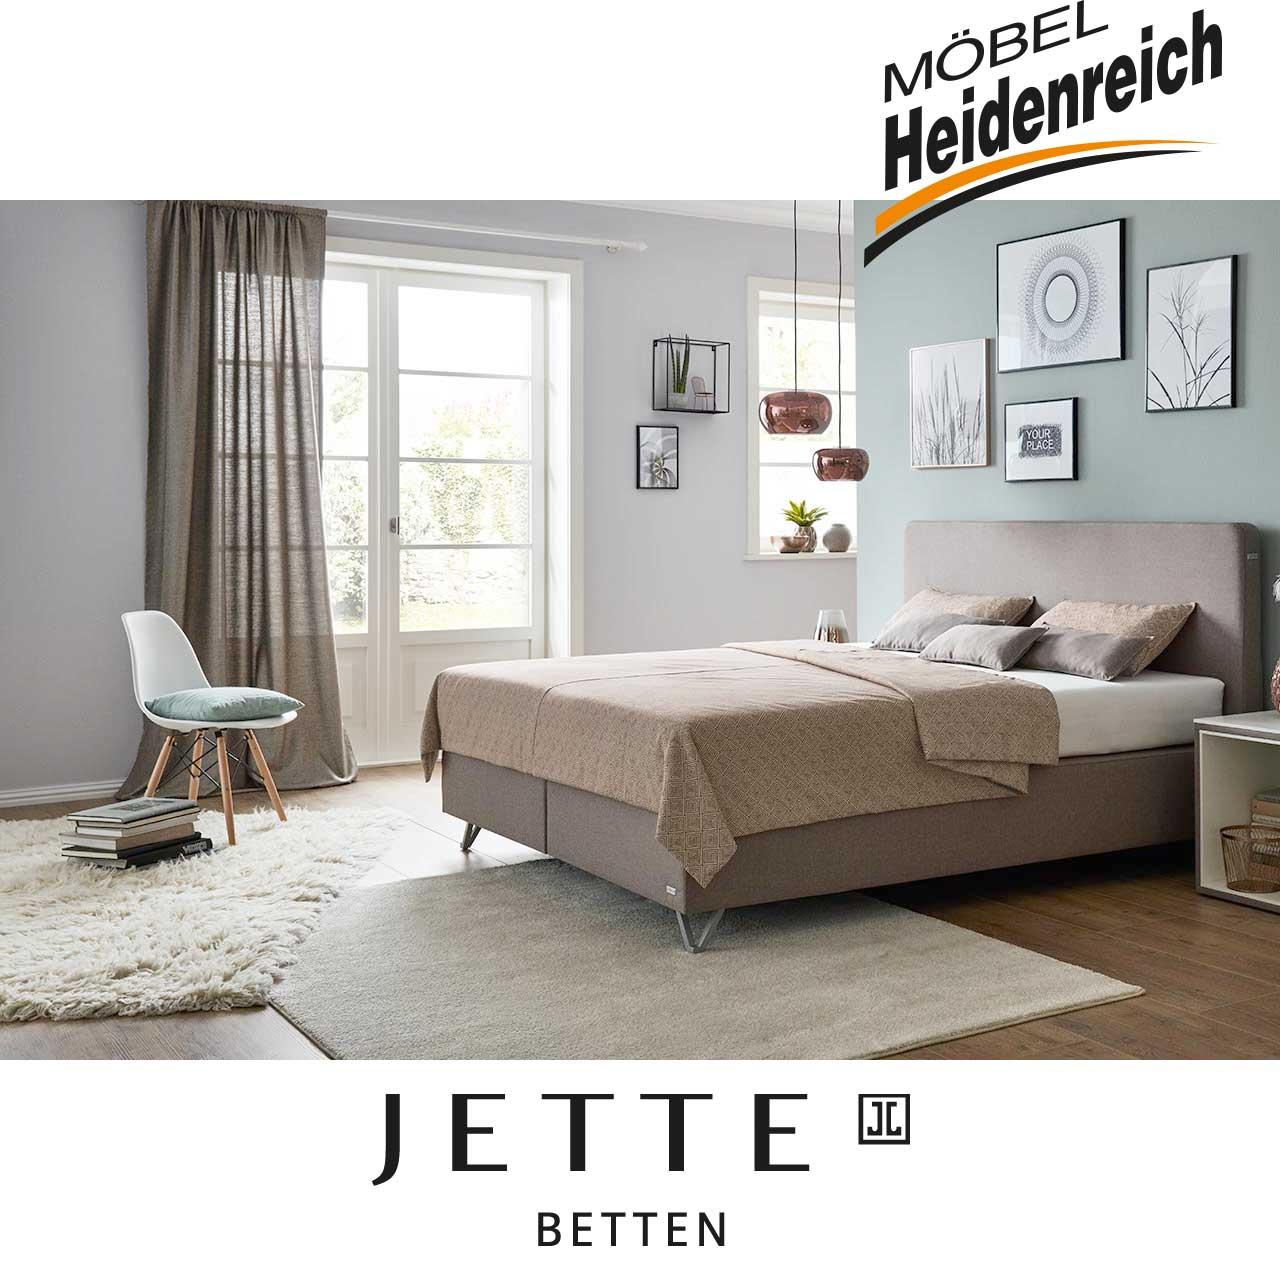 Full Size of Jette Betten Boxspringbett Mbel Heidenreich Landhausstil Bei Ikea Münster Ottoversand Günstige 180x200 Außergewöhnliche Hohe Ruf Fabrikverkauf 160x200 Mit Bett Betten Mannheim